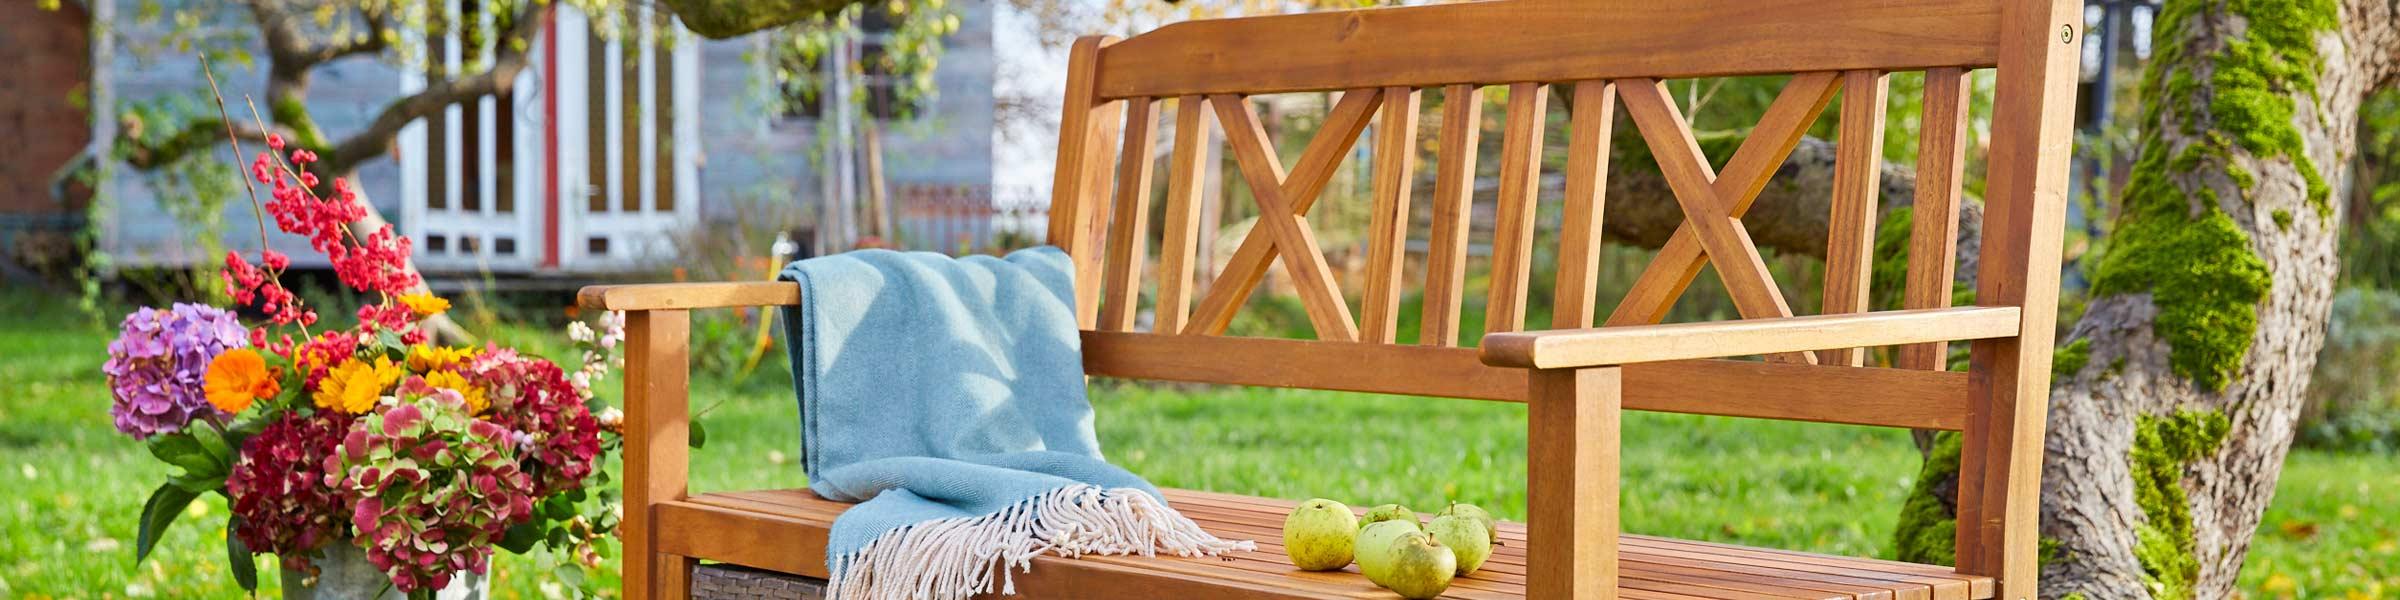 Dehner Gartenmöbel In Bester Qualität Jetzt Bestellen Dehner